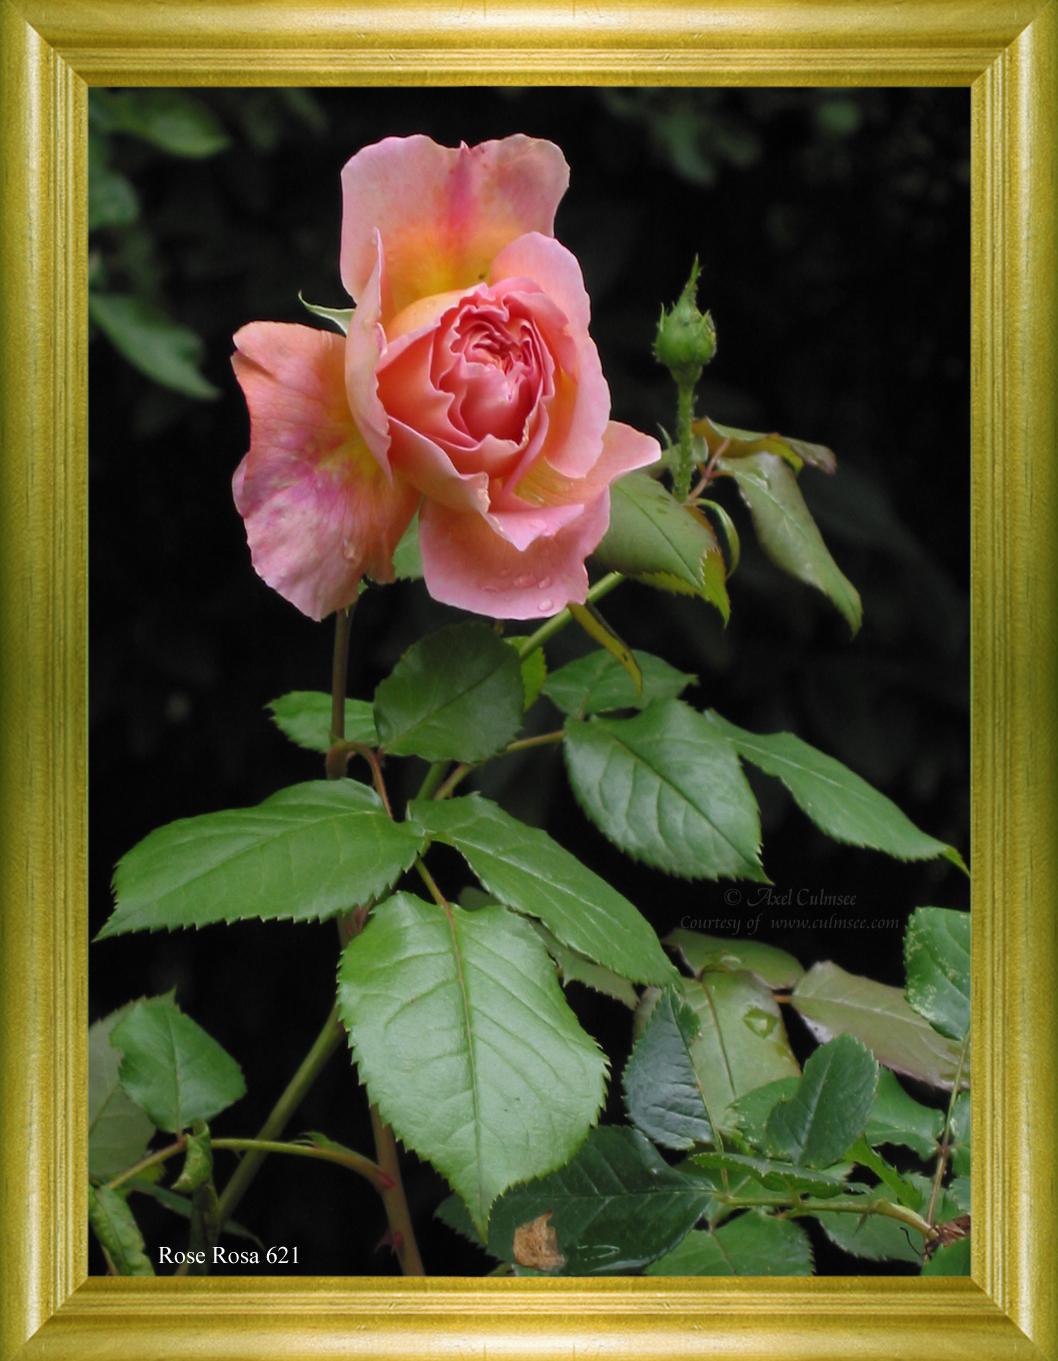 Rose Rosa 621